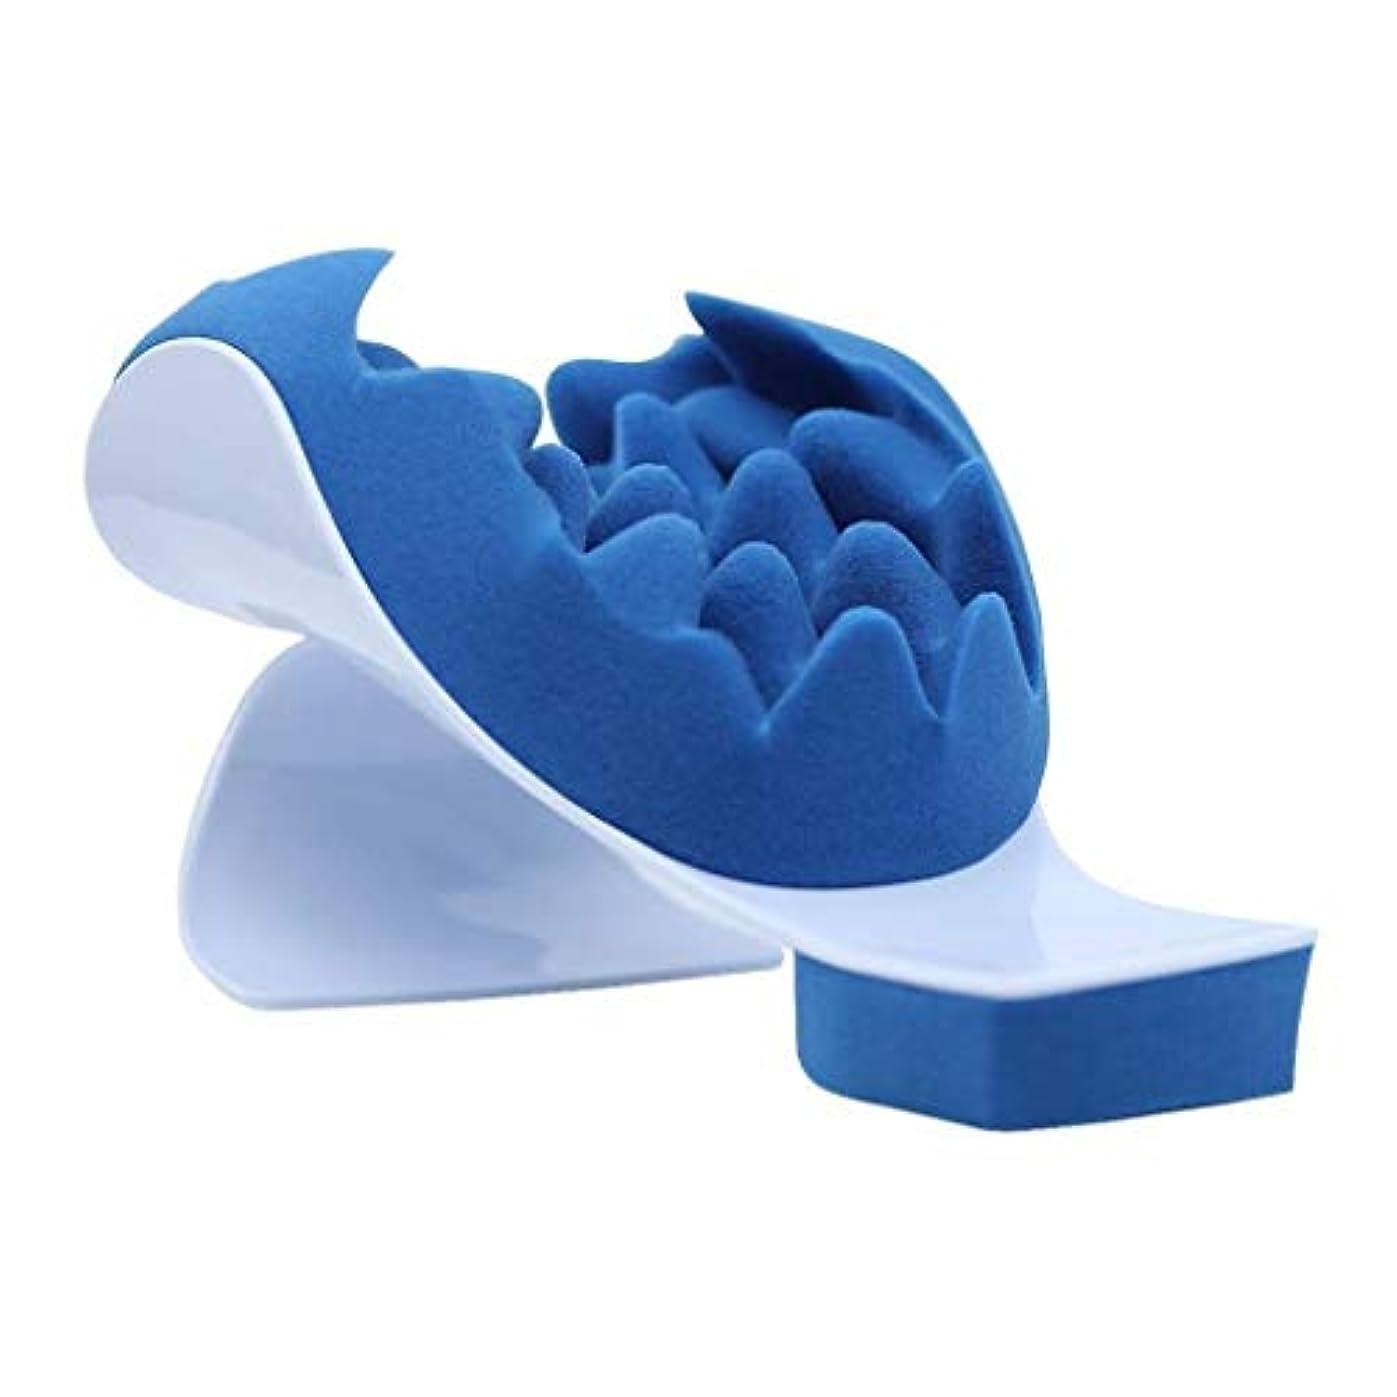 引く複雑でないヘビ頚部マッサージャー、首と肩の枕マッサージマット、リラクゼーションマッスルとサポートマッサージ機器、メモリーフォームパッド、ホームオフィス旅行の使用に適しています